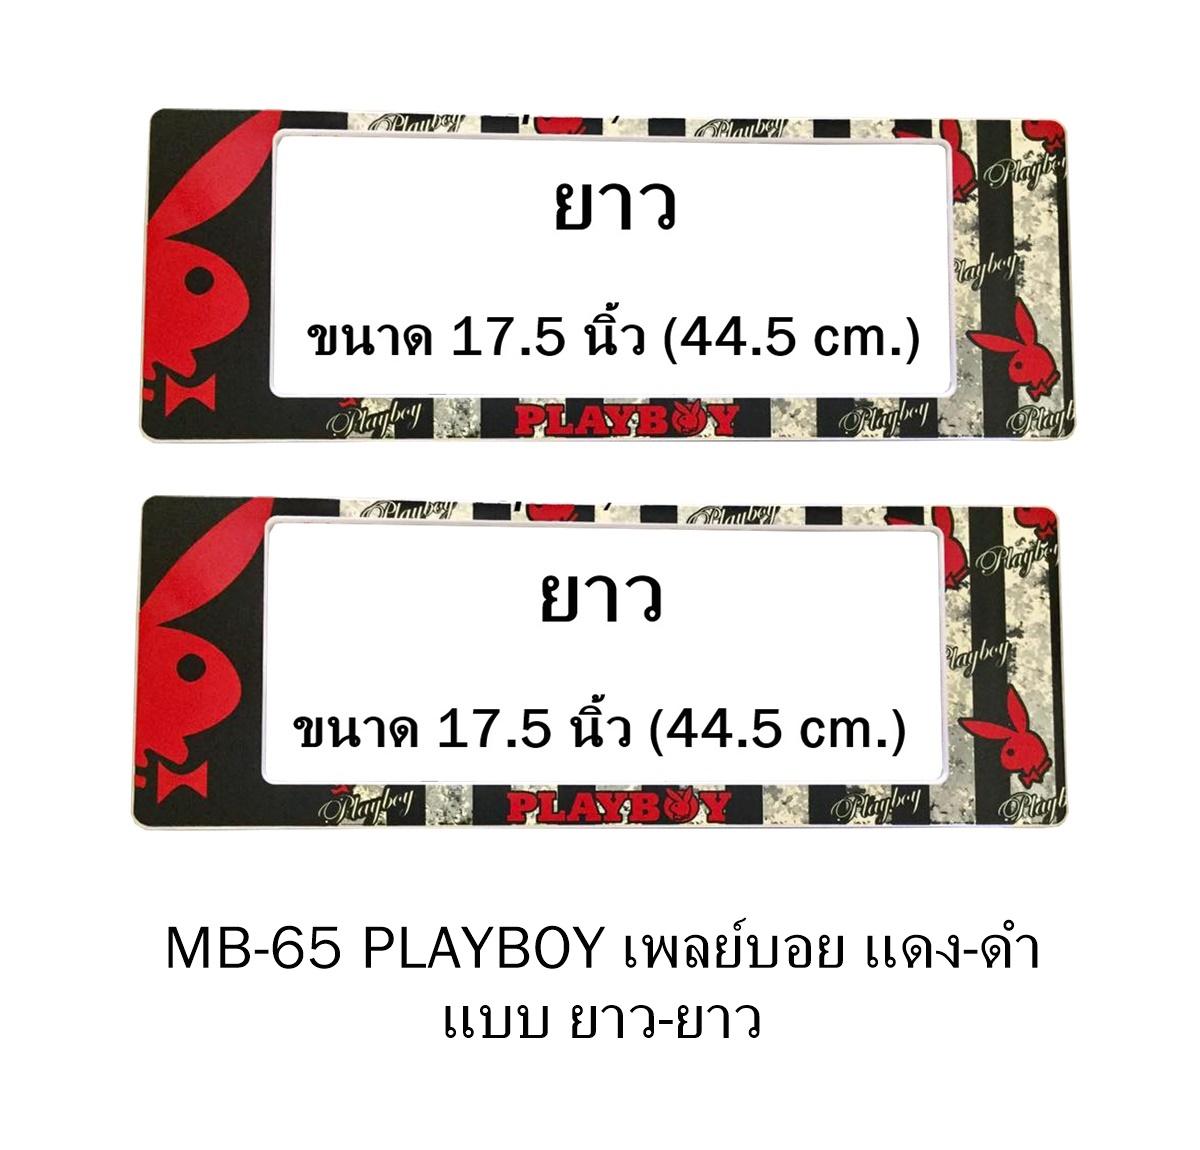 กรอบป้ายทะเบียน กันน้ำ MB-65 PLAYBOY RED สีแดงดำ ยาวยาว รุ่น SP7 ระบบล็อค8จุด อะไหล่ครบ